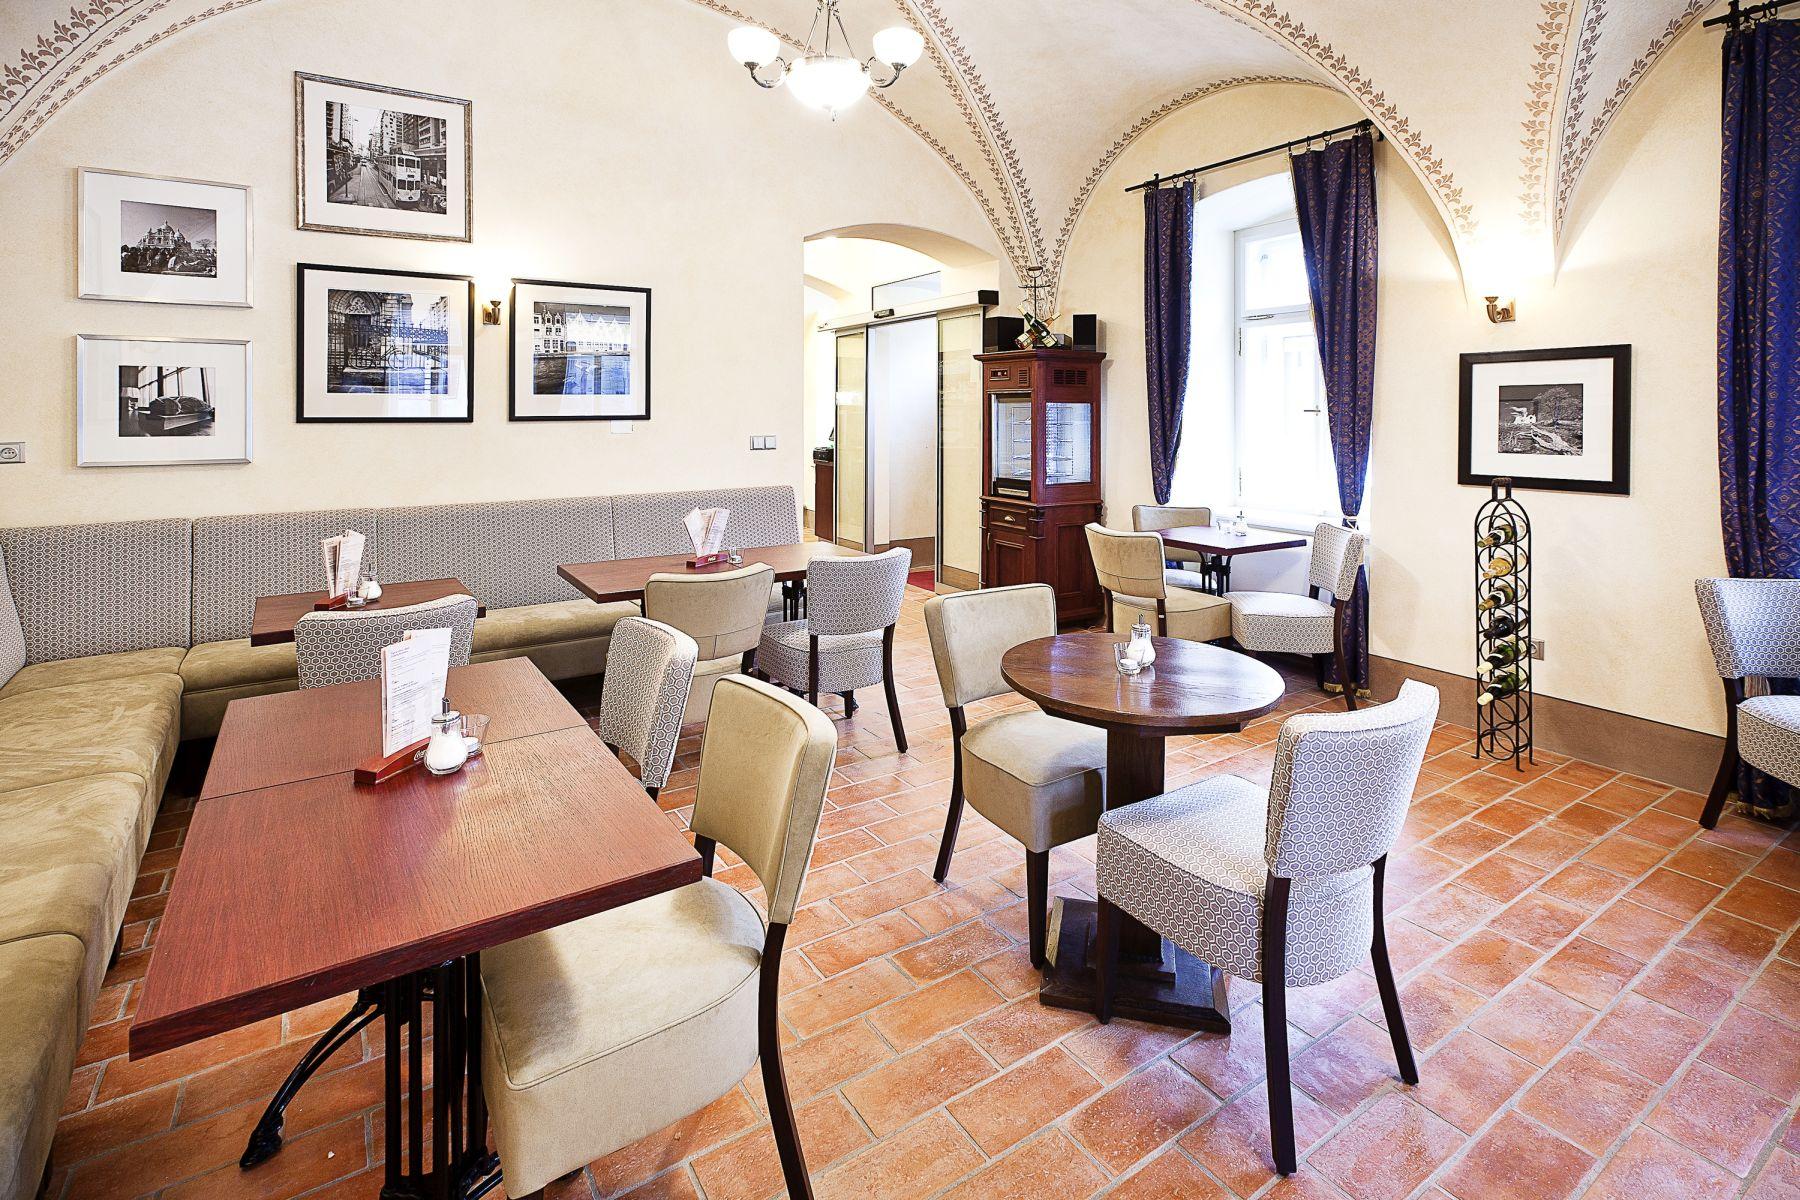 V café Štrúdl v Českém Krumlově má každý měsíc svůj speciální štrúdl. Přijďte ochutnat!